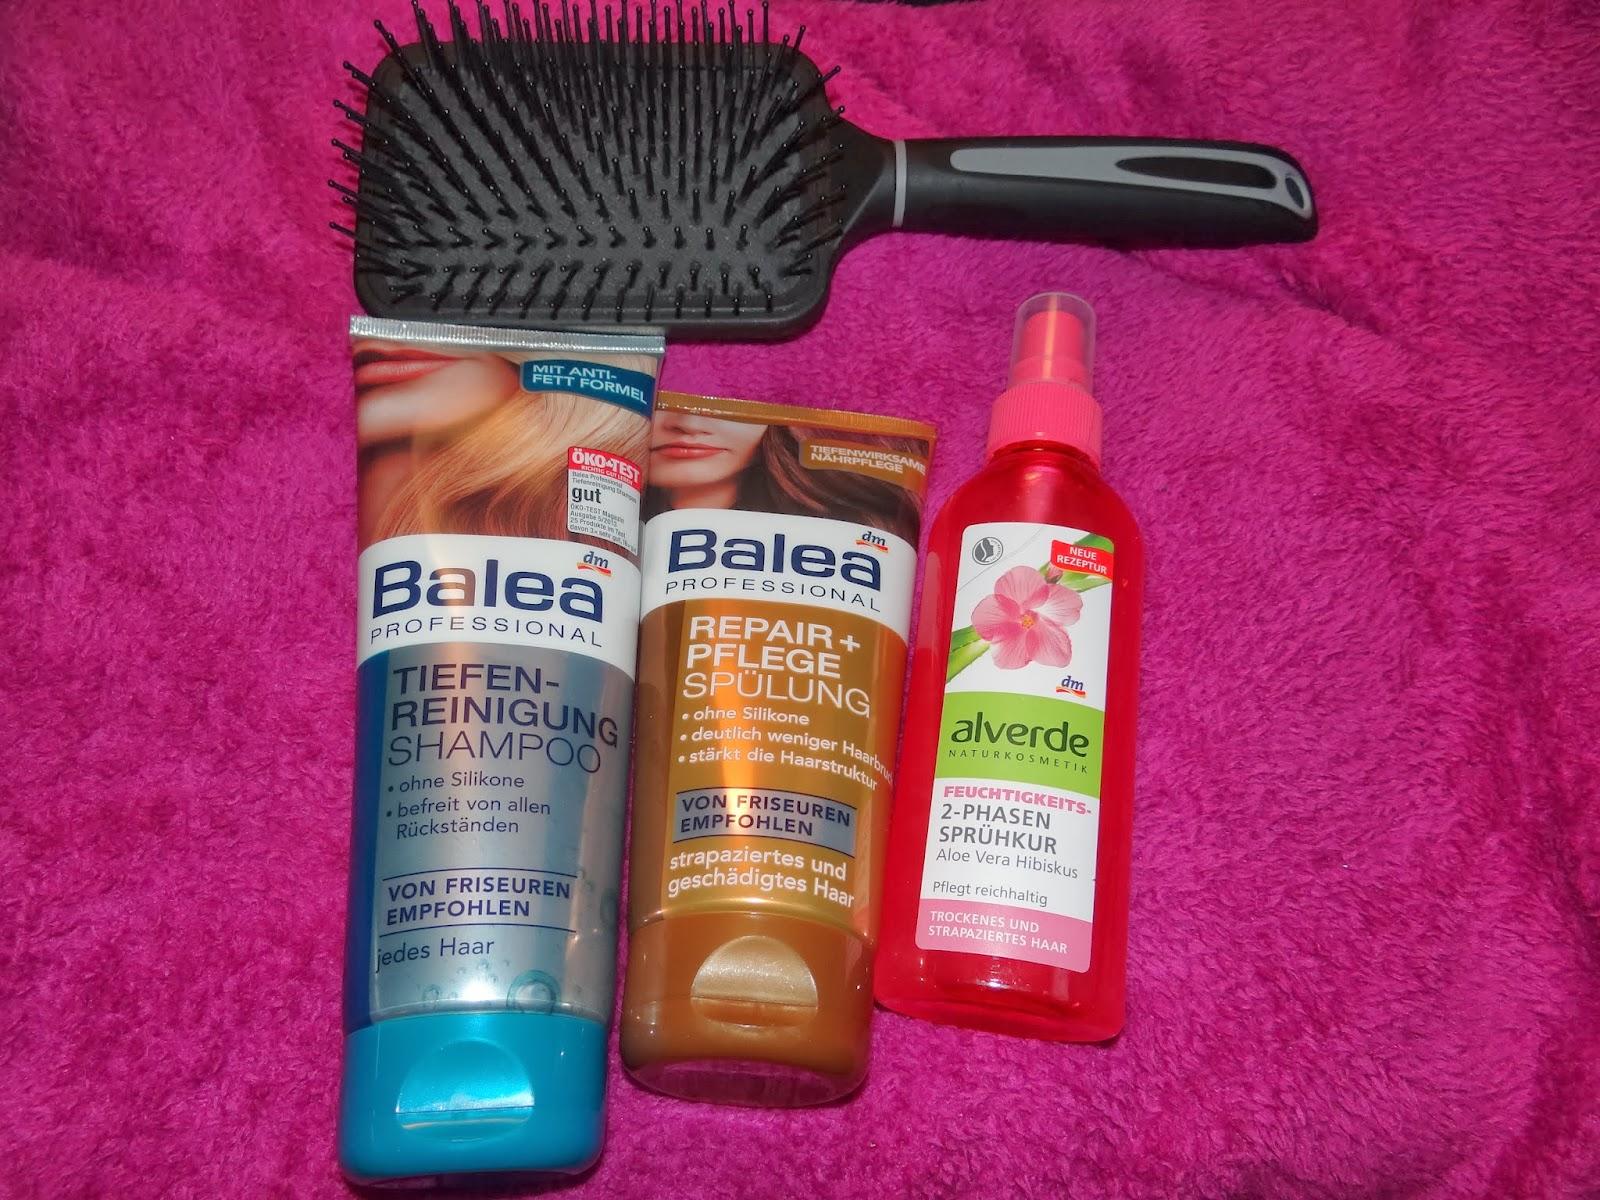 Wie Wachsen Haare Schneller Nach